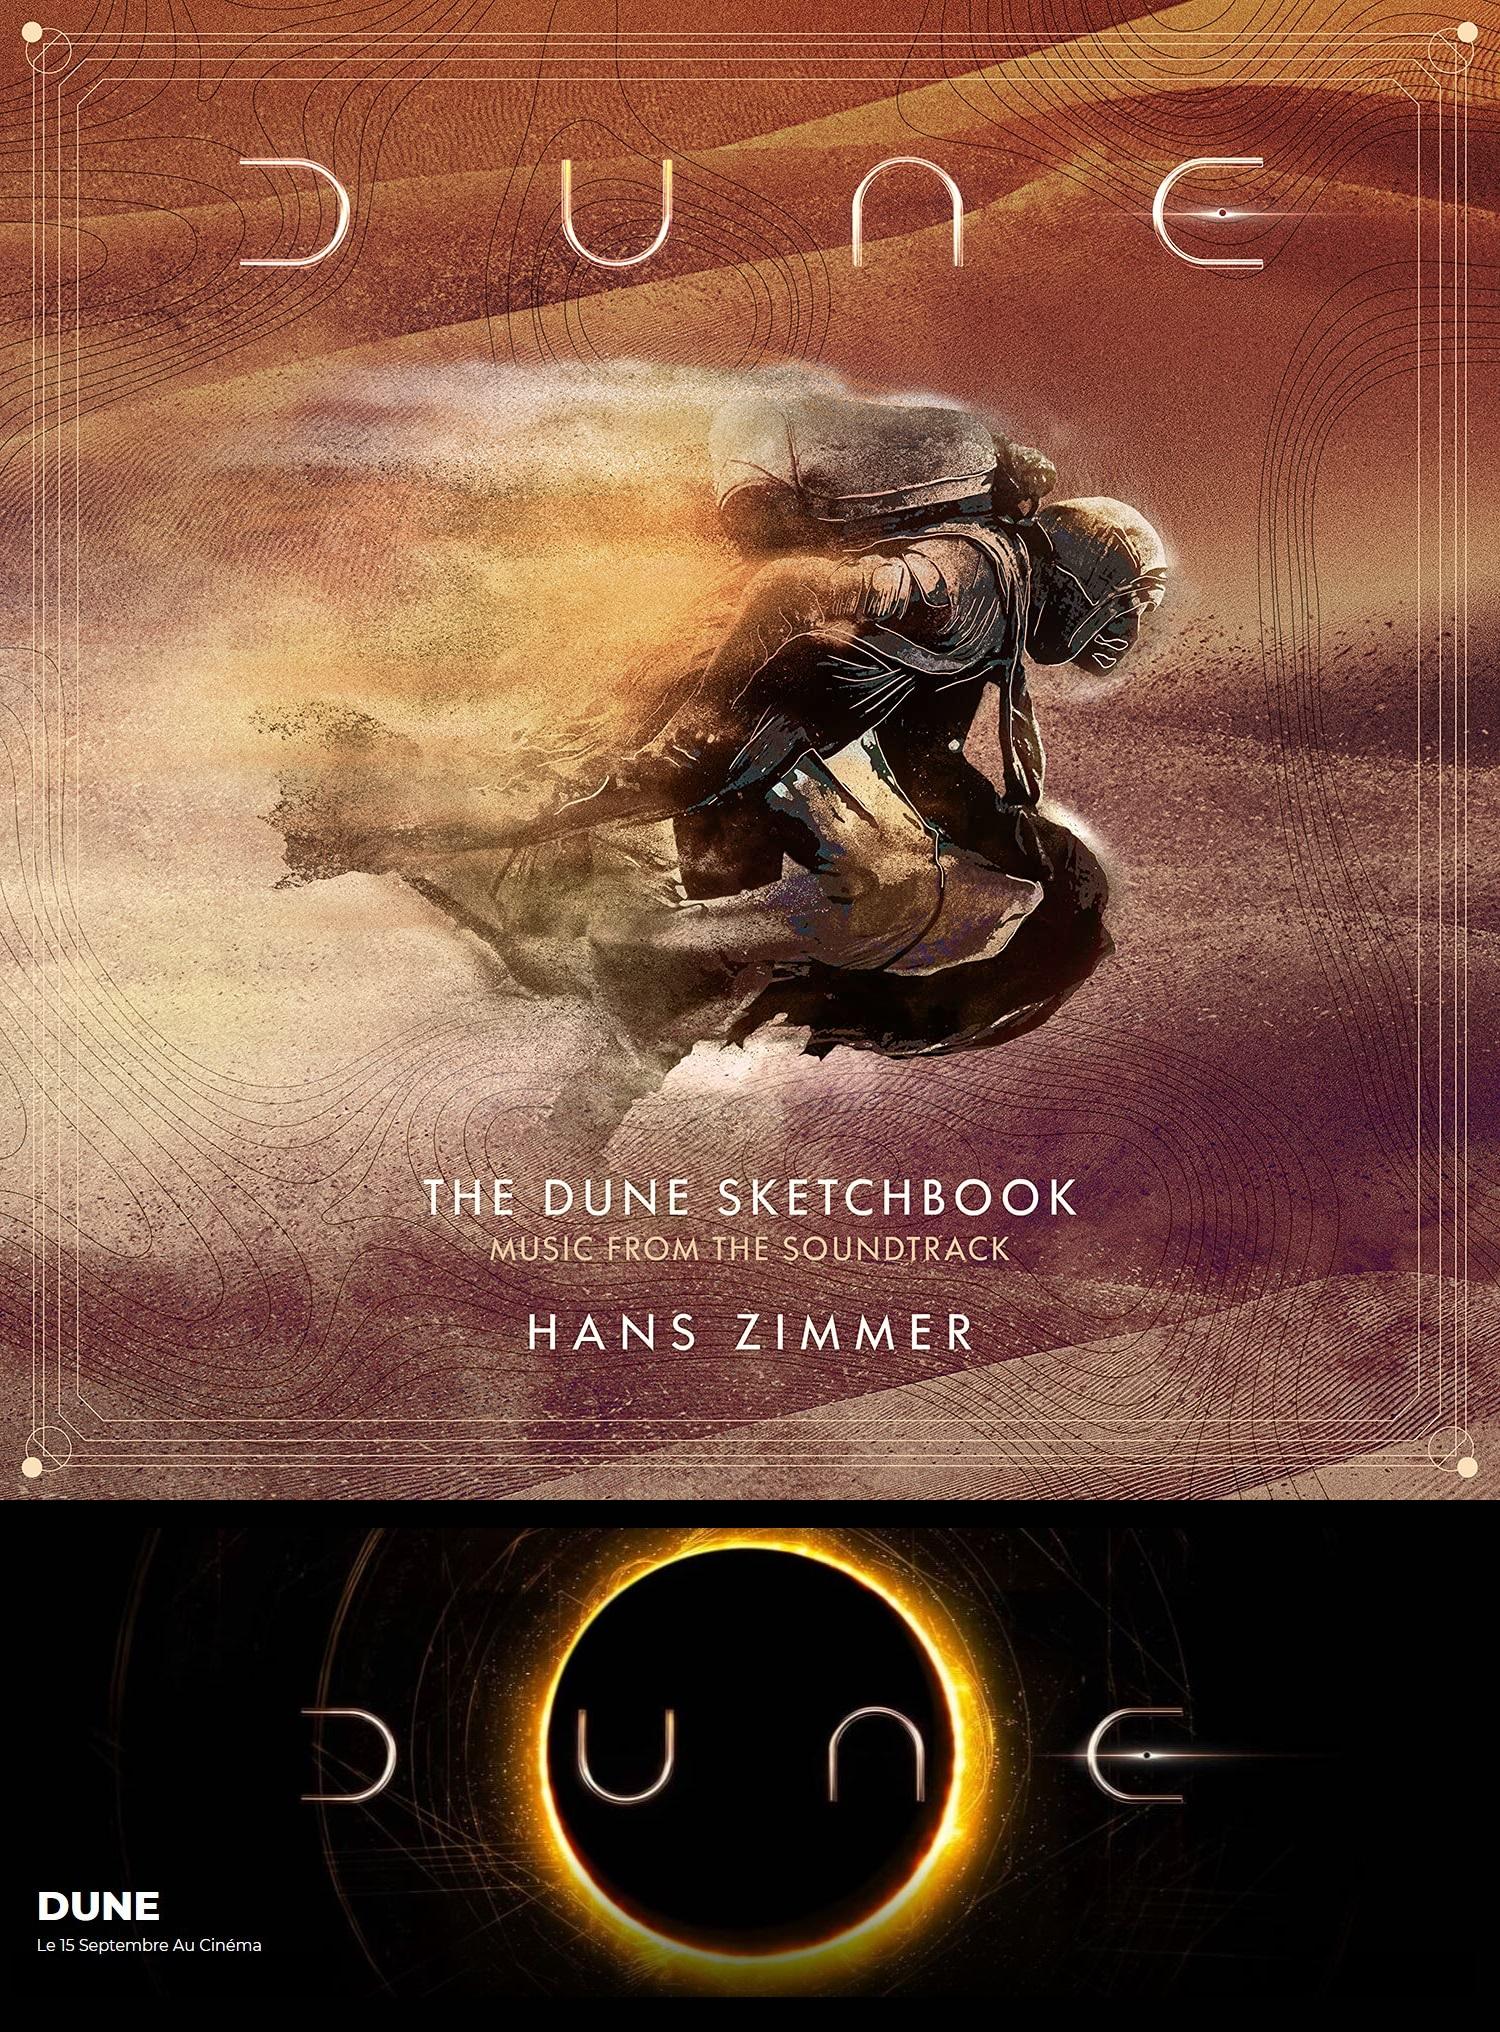 The Dune Sketchbook